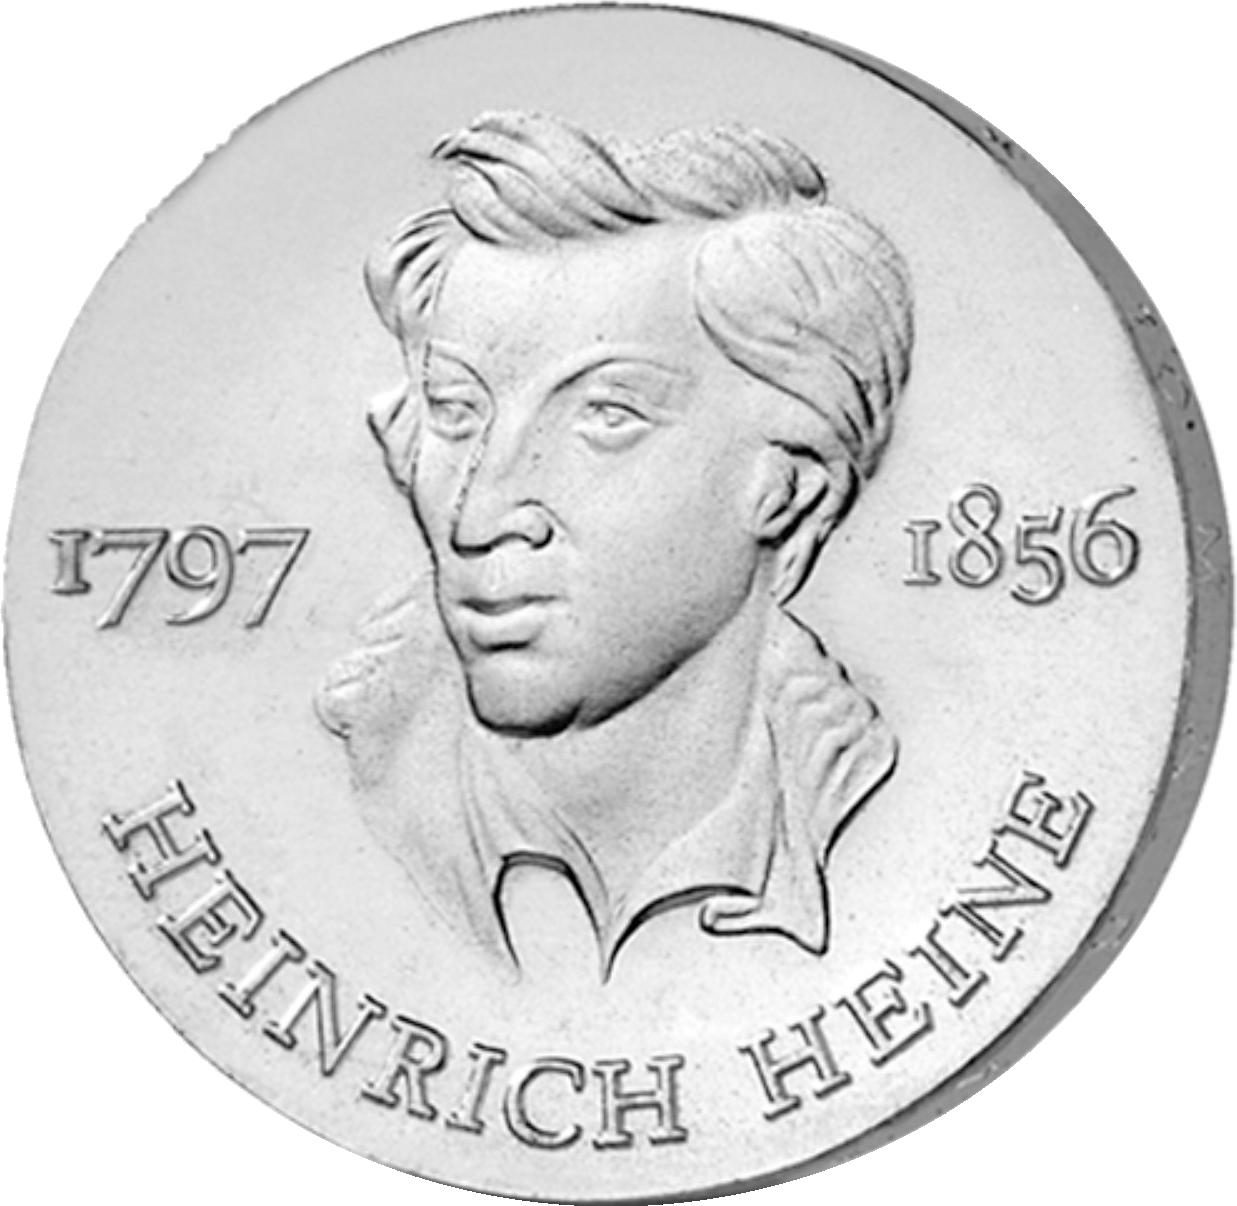 20 Mark Silber Münze Ddr Bbt Silber 1990 Münzen Günstigerde